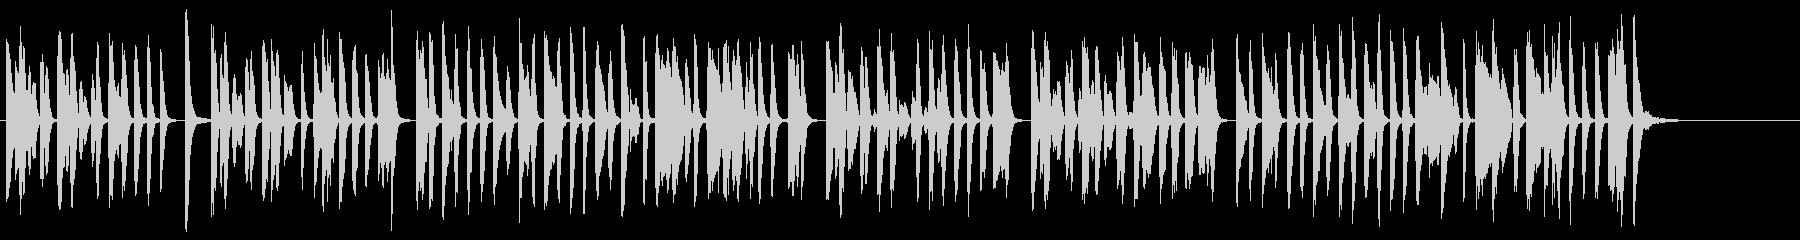 明るくコミカルなラグタイム調ピアノソロの未再生の波形